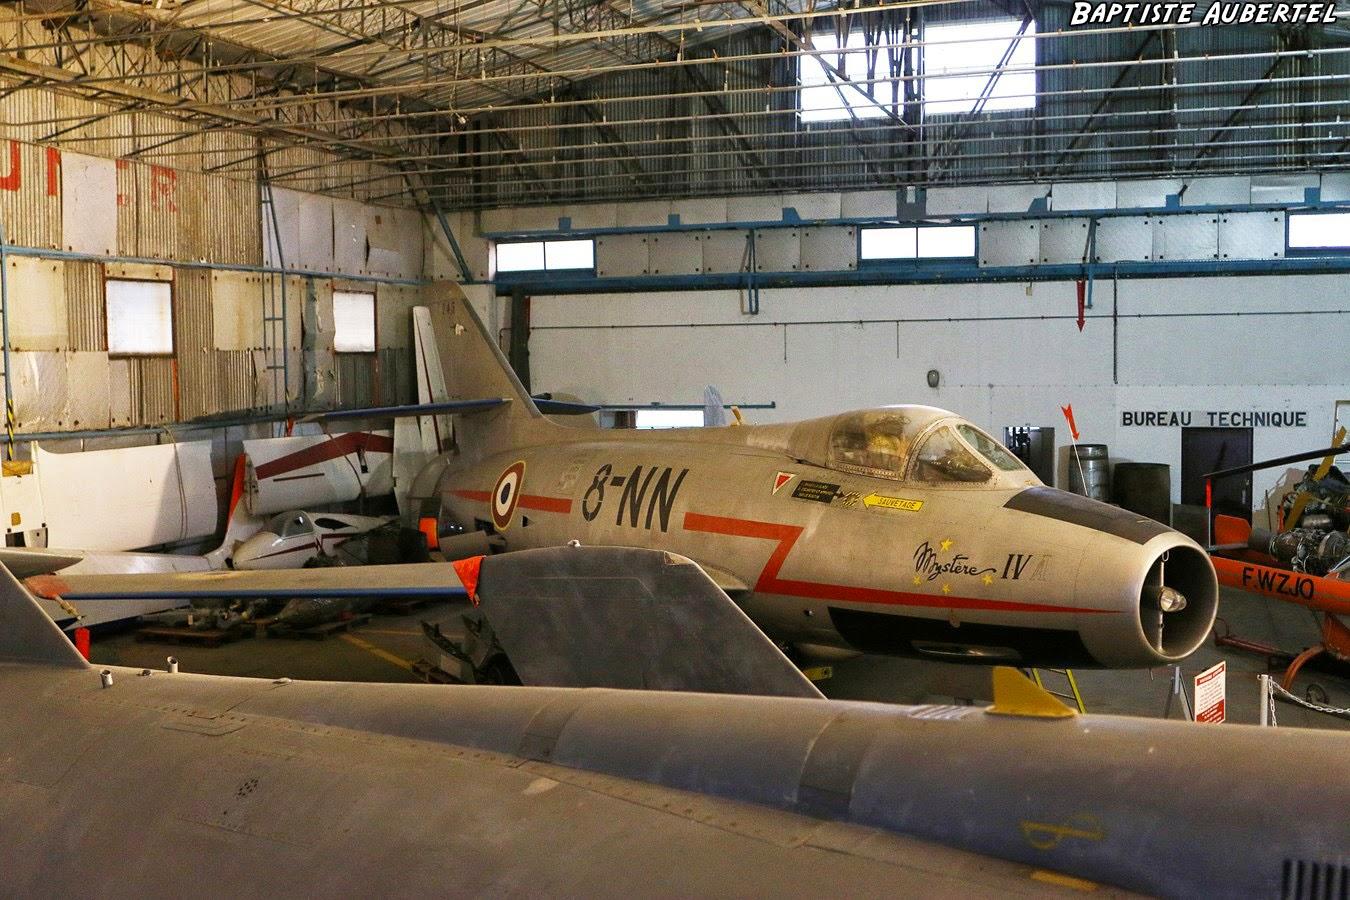 245 / 8-NN escadron 2/8 Nice